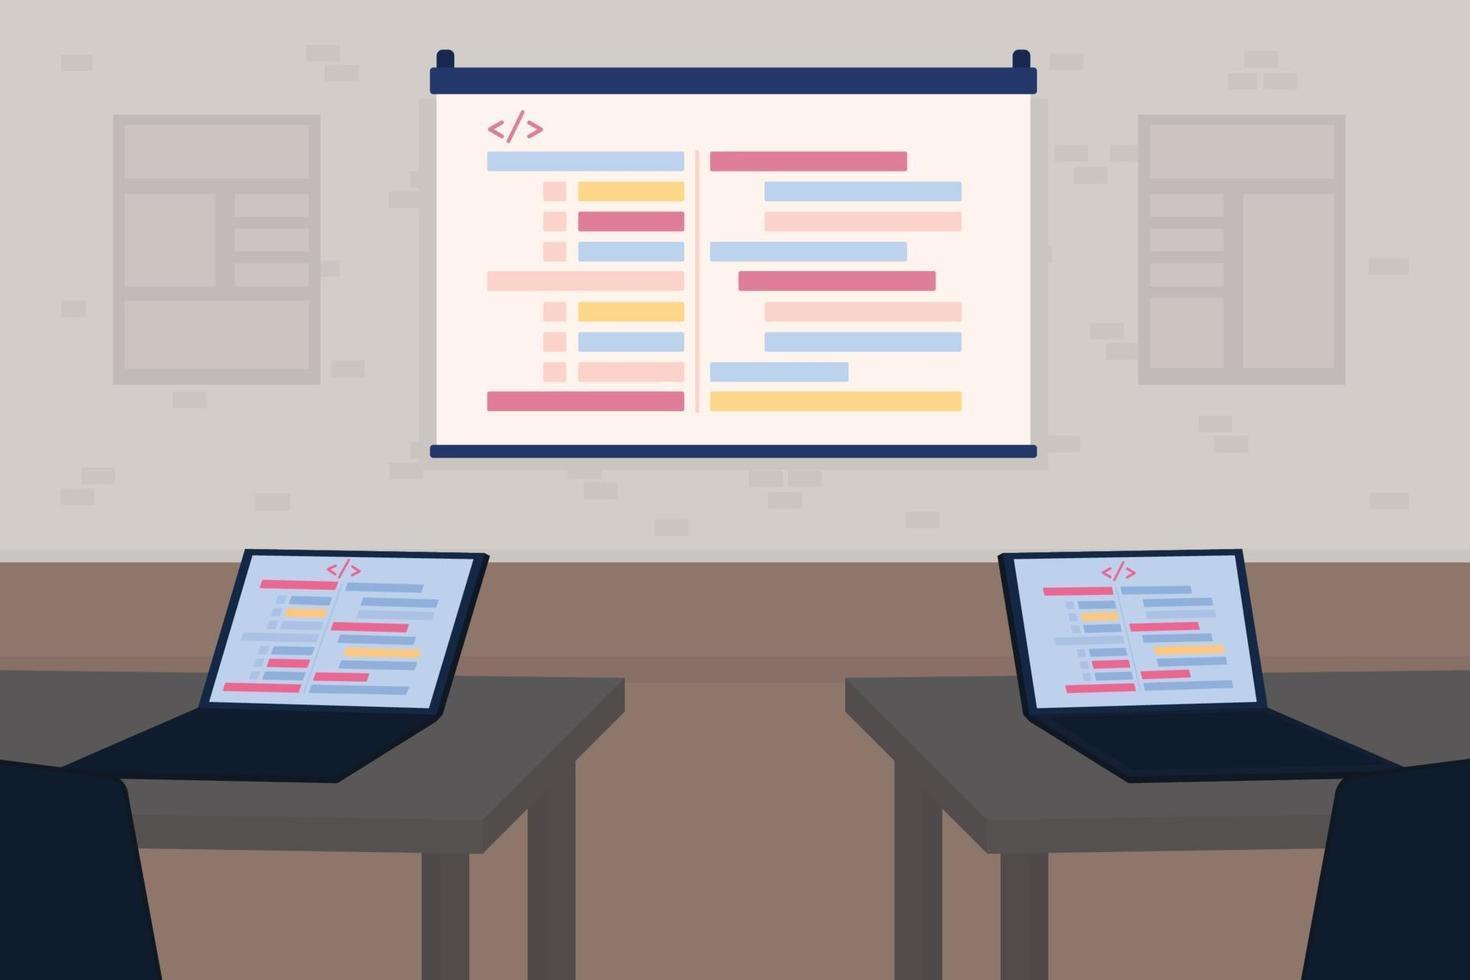 seminário para desenvolvedores ilustração vetorial de cores planas vetor